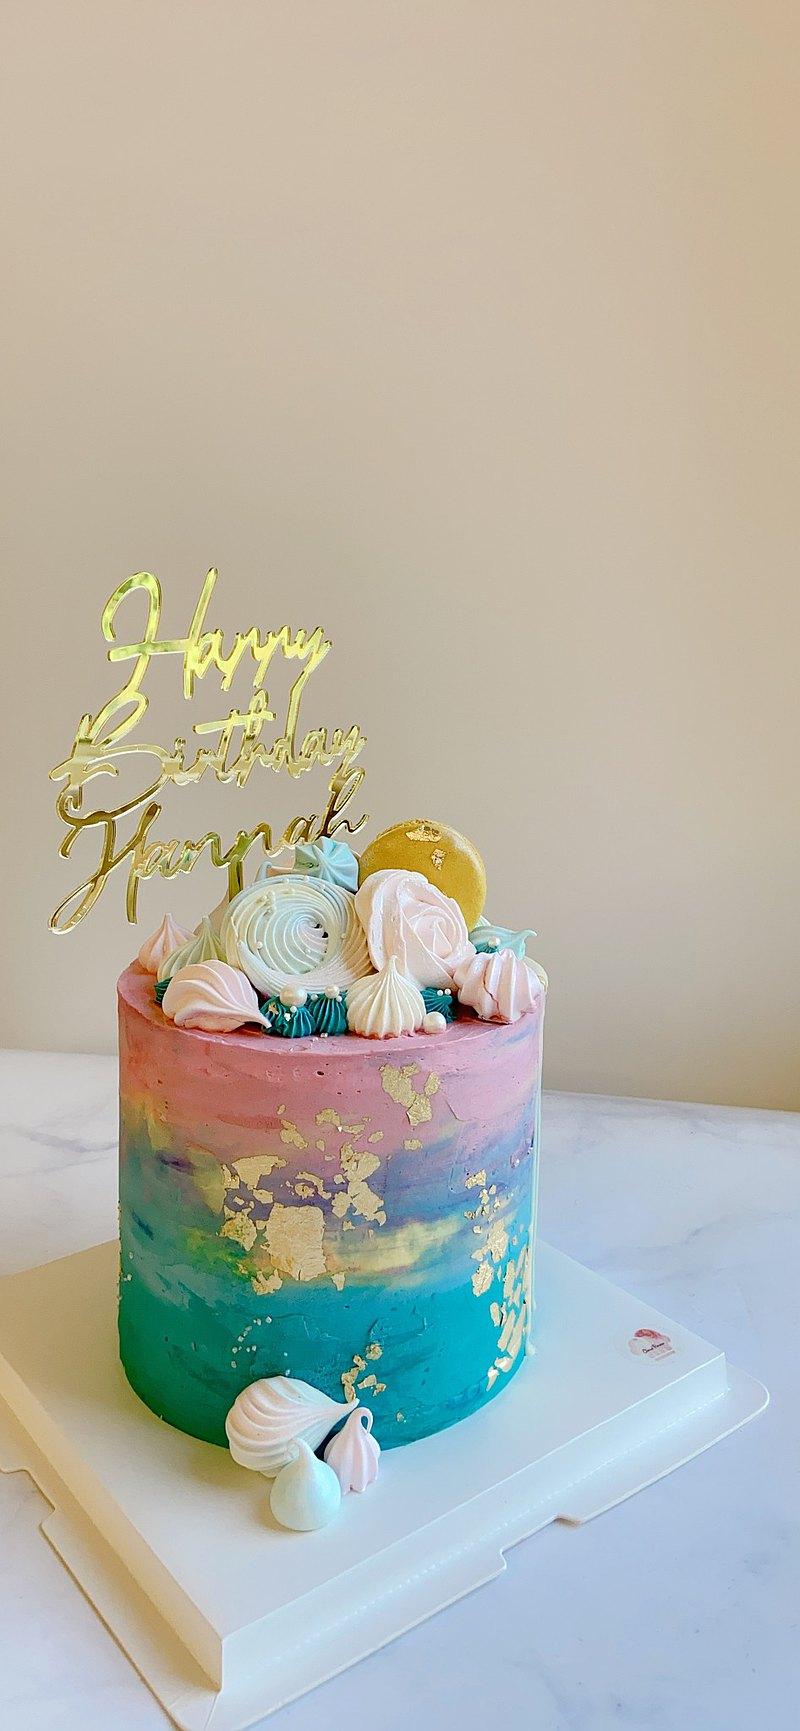 美的藝術品 暈染漸層蛋糕 自己動手做